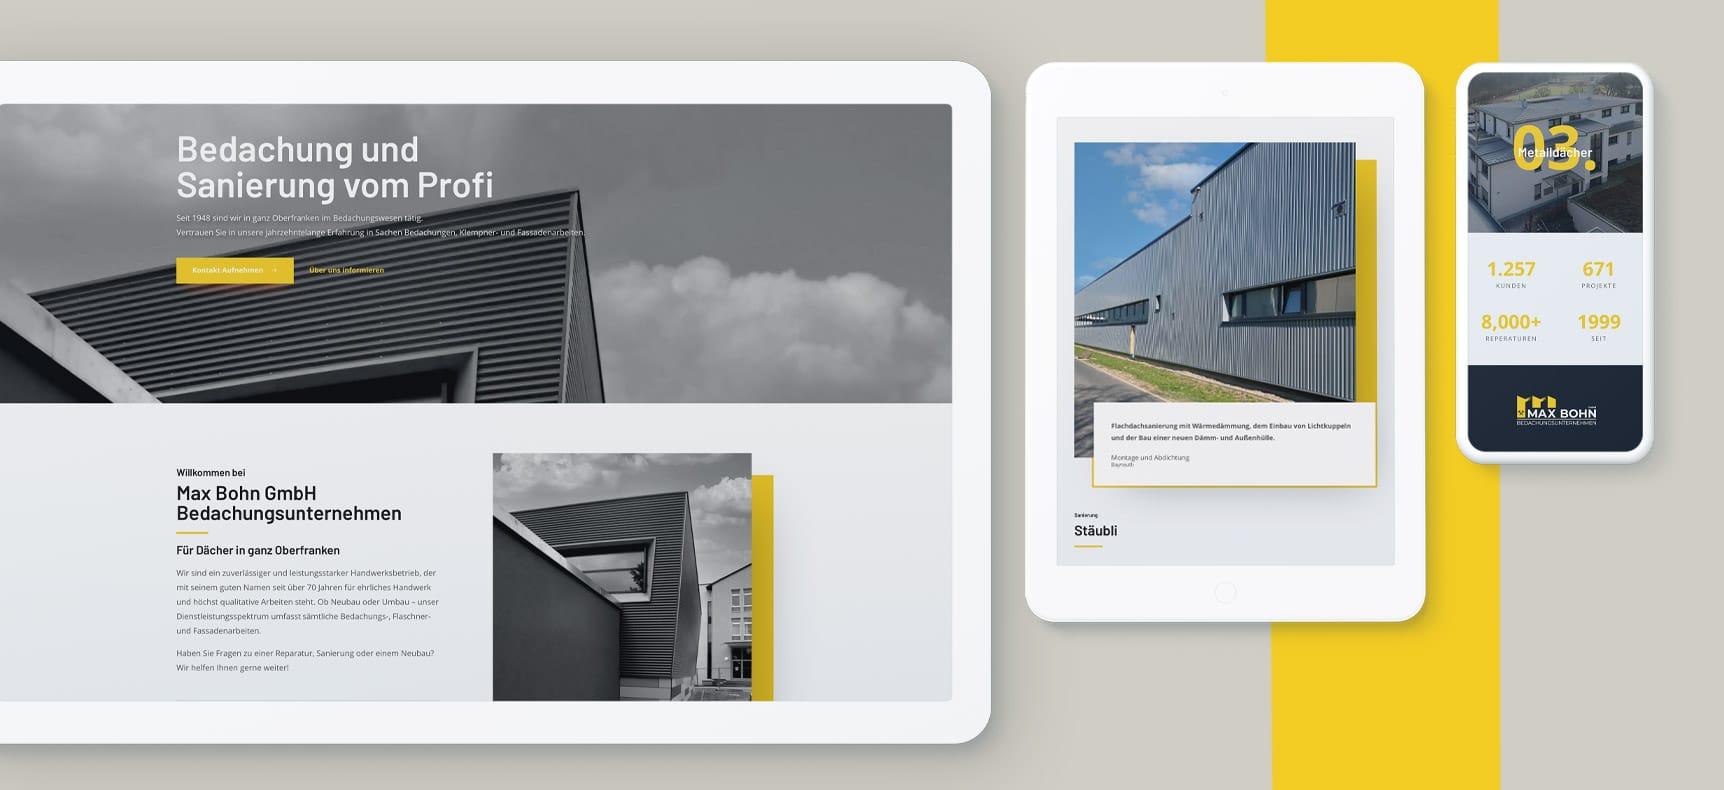 Max Bohn GmbH | Website erstellt von StatusZwo.com